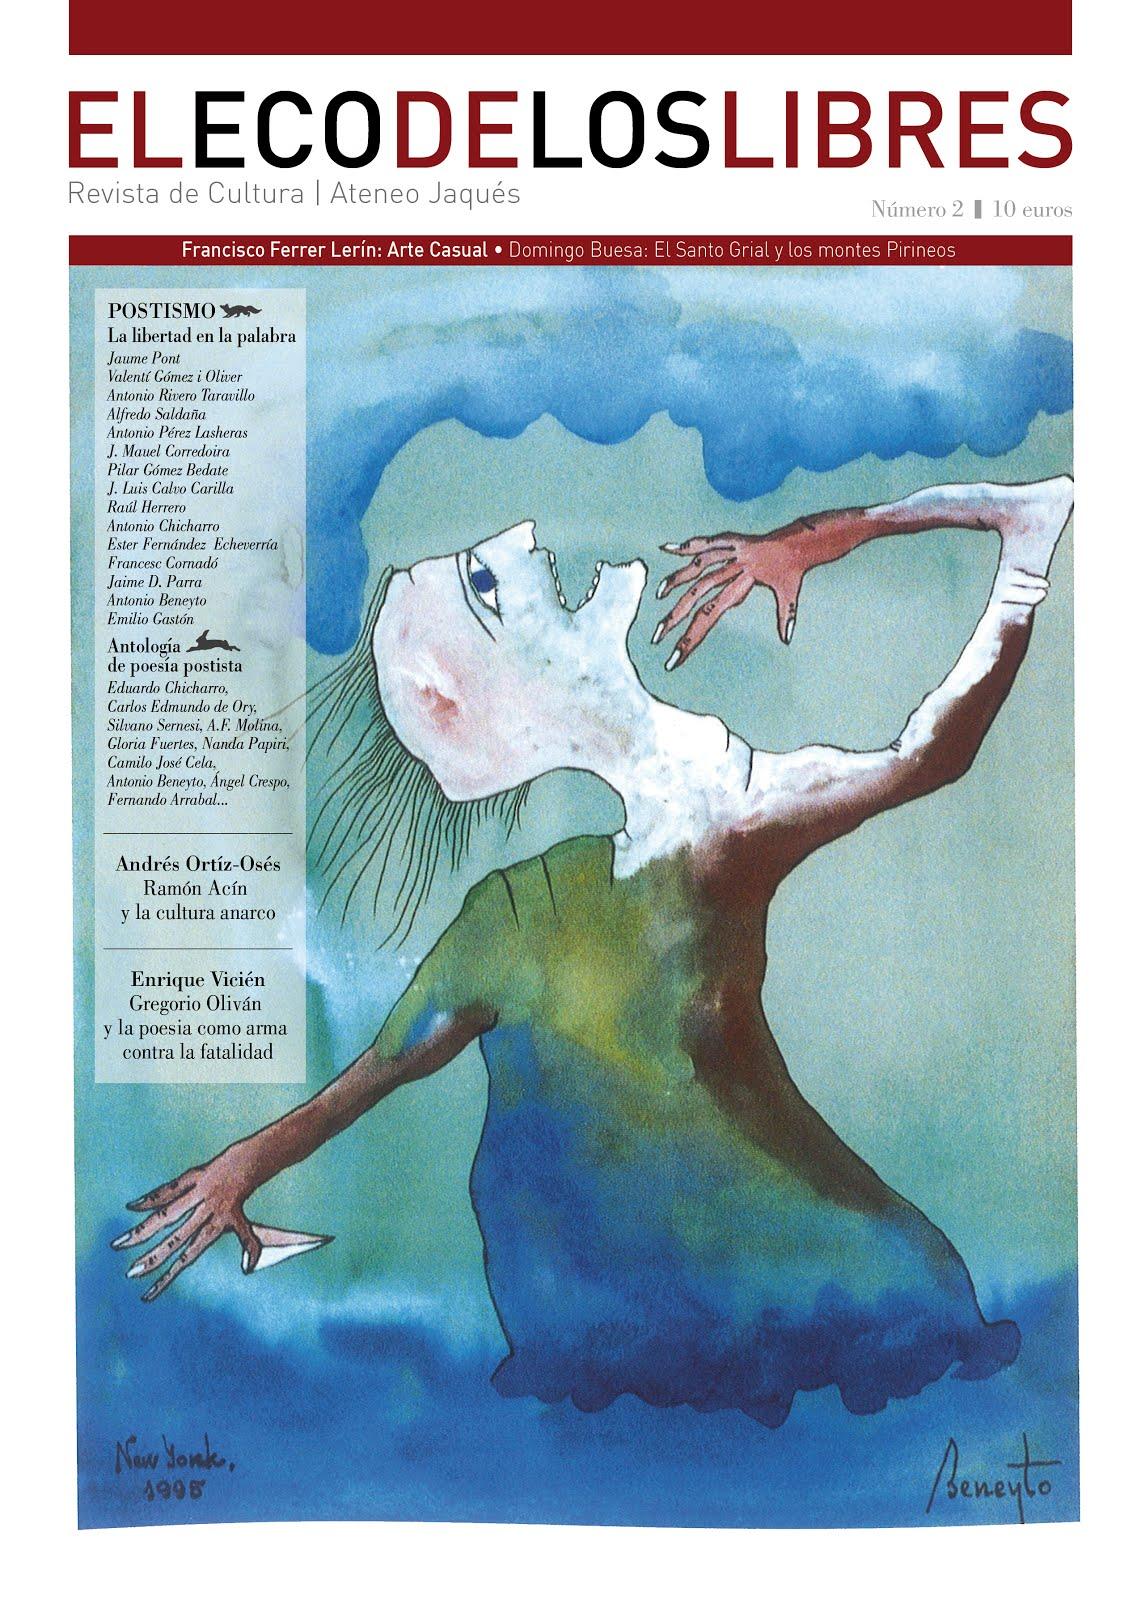 """Nº2 """"EL ECO DE LOS LIBRES"""" (Dossier dedicado al POSTISMO)"""